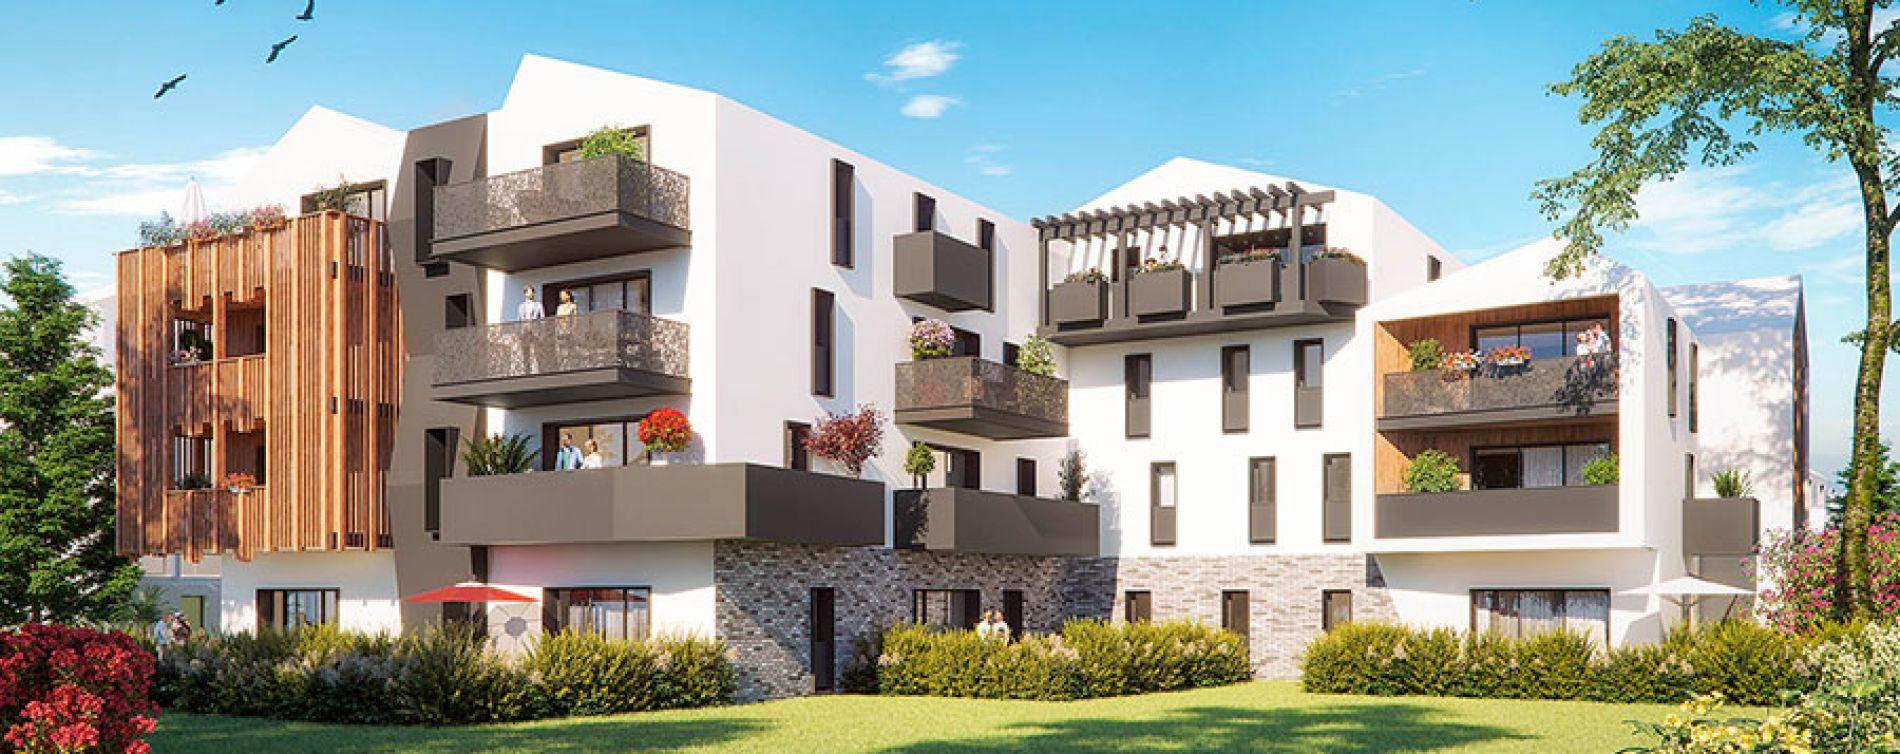 Mérignac : programme immobilier neuve « Programme immobilier n°213058 »